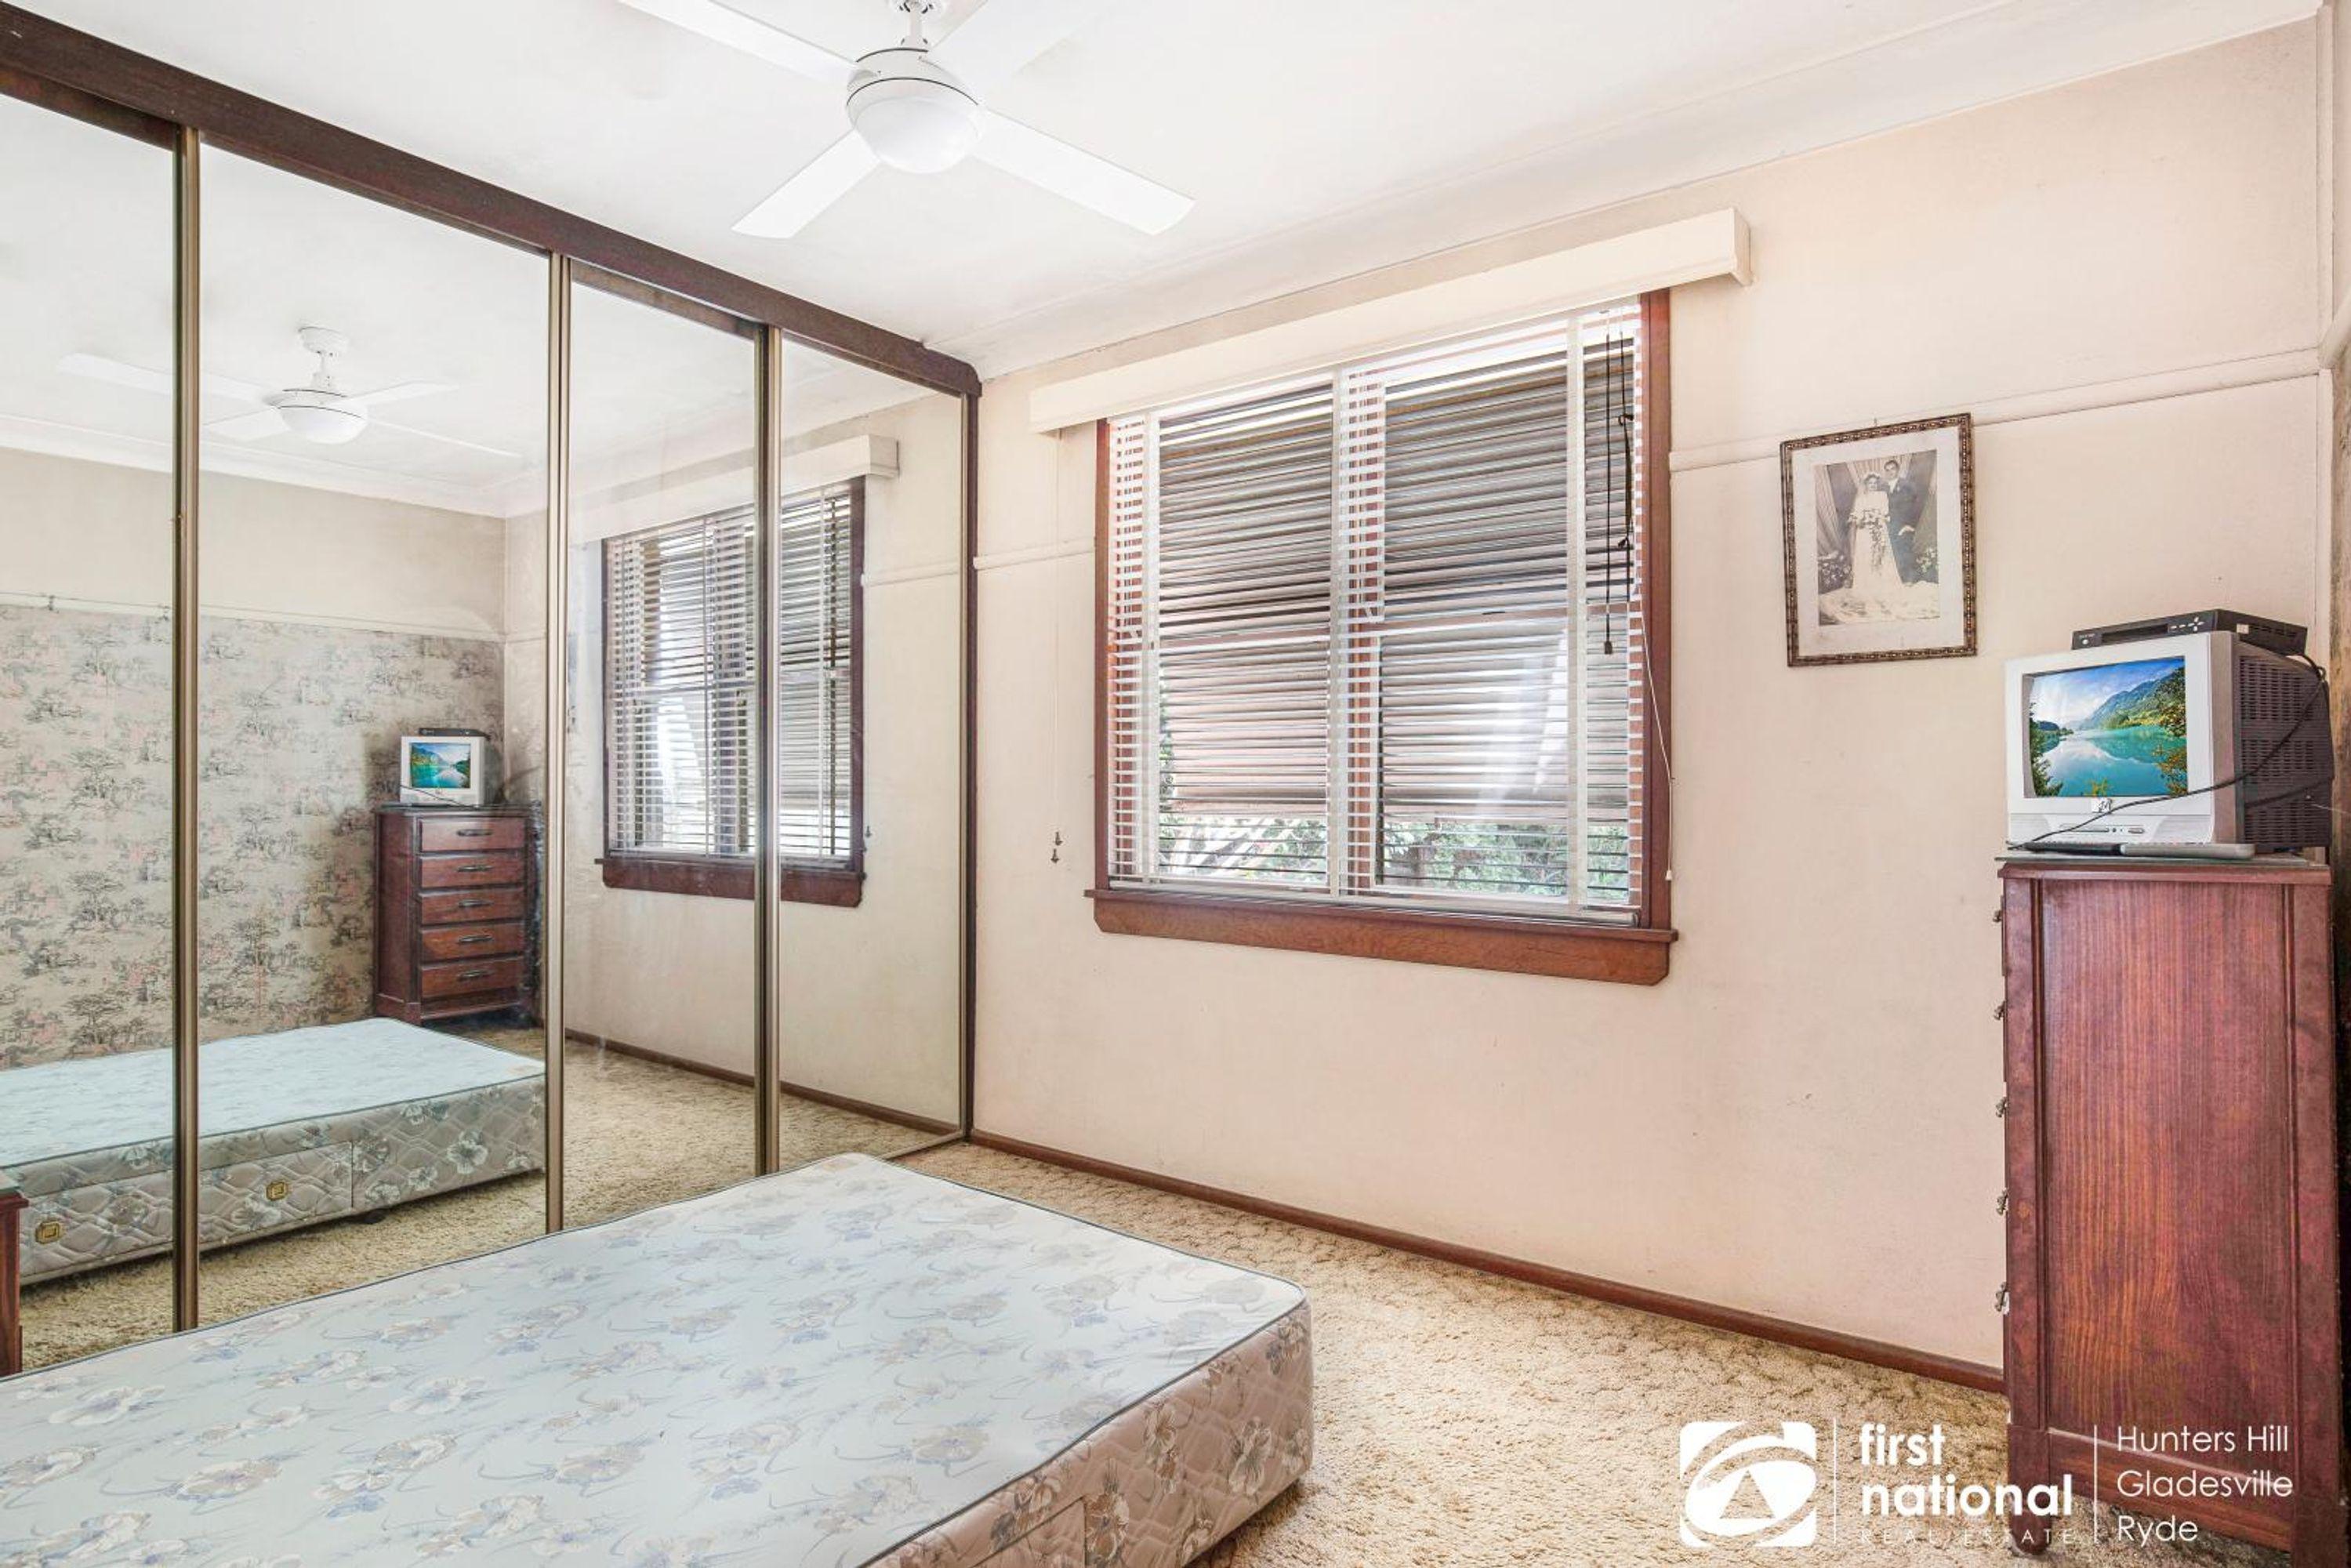 17 Windeyer Avenue, Gladesville, NSW 2111